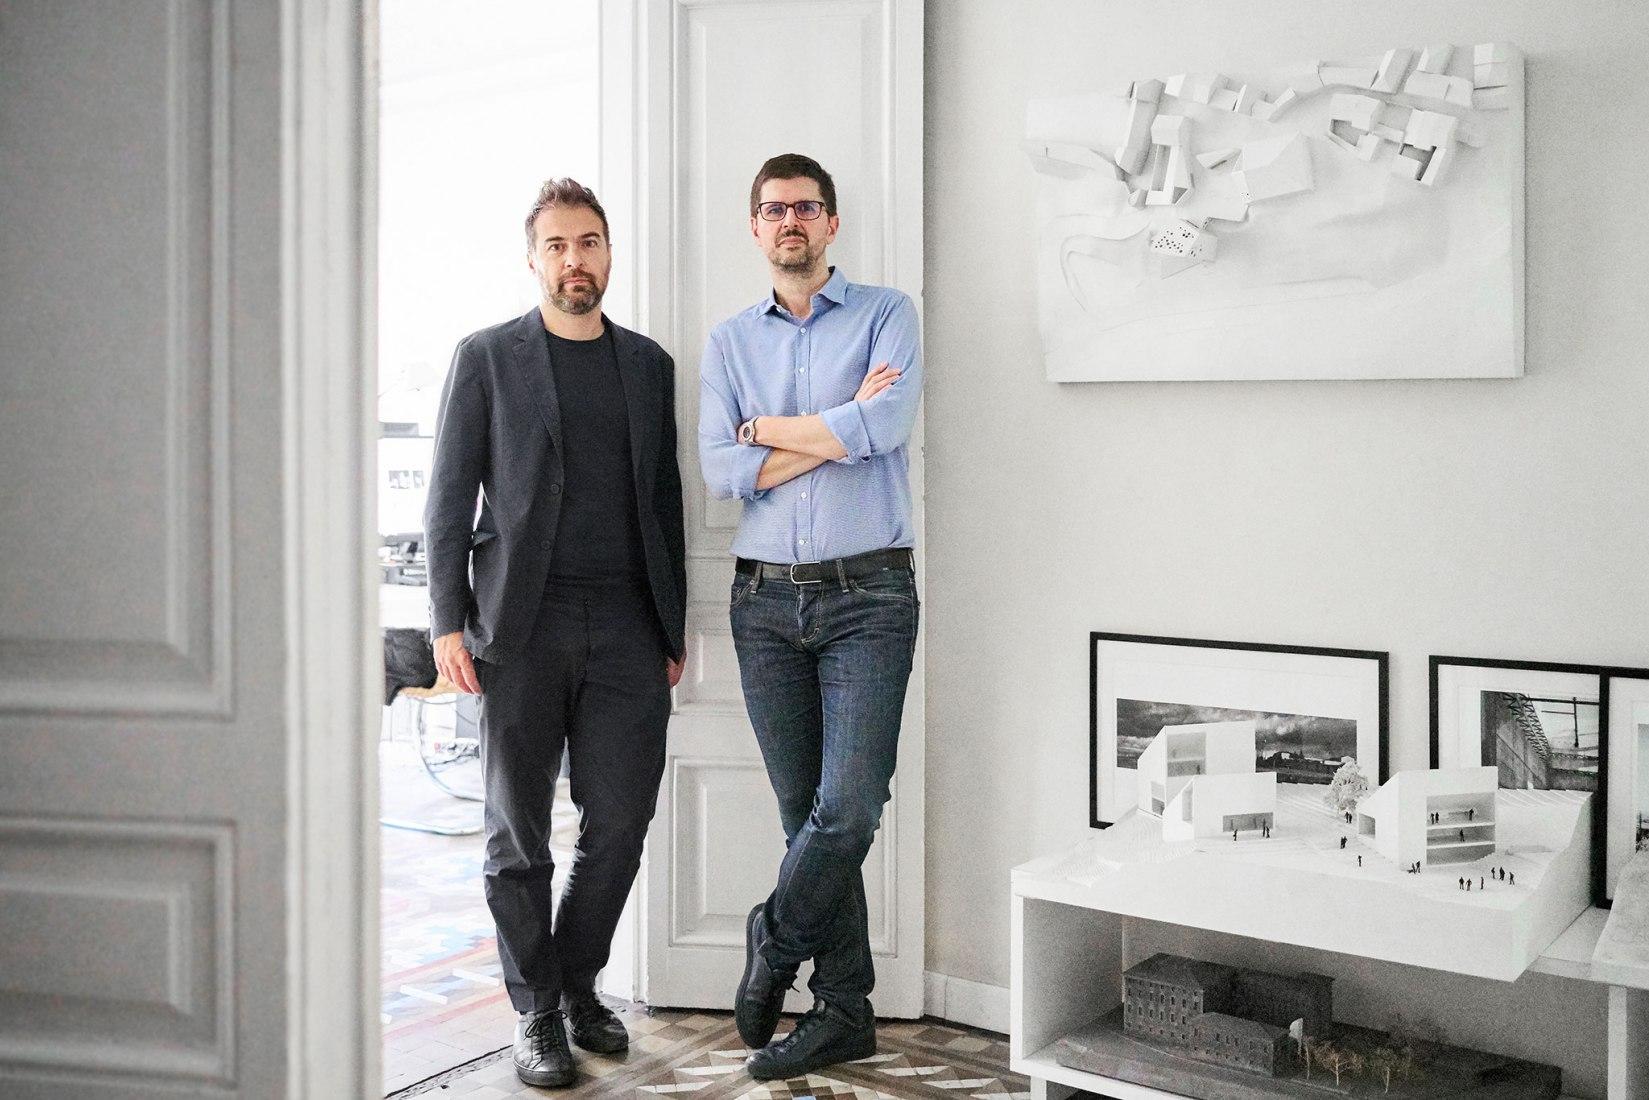 Fabrizio Barozzi y Alberto Veiga de Estudio Barozzi Veiga, 2017. Imagen cortesía de Estudio Barozzi Veiga